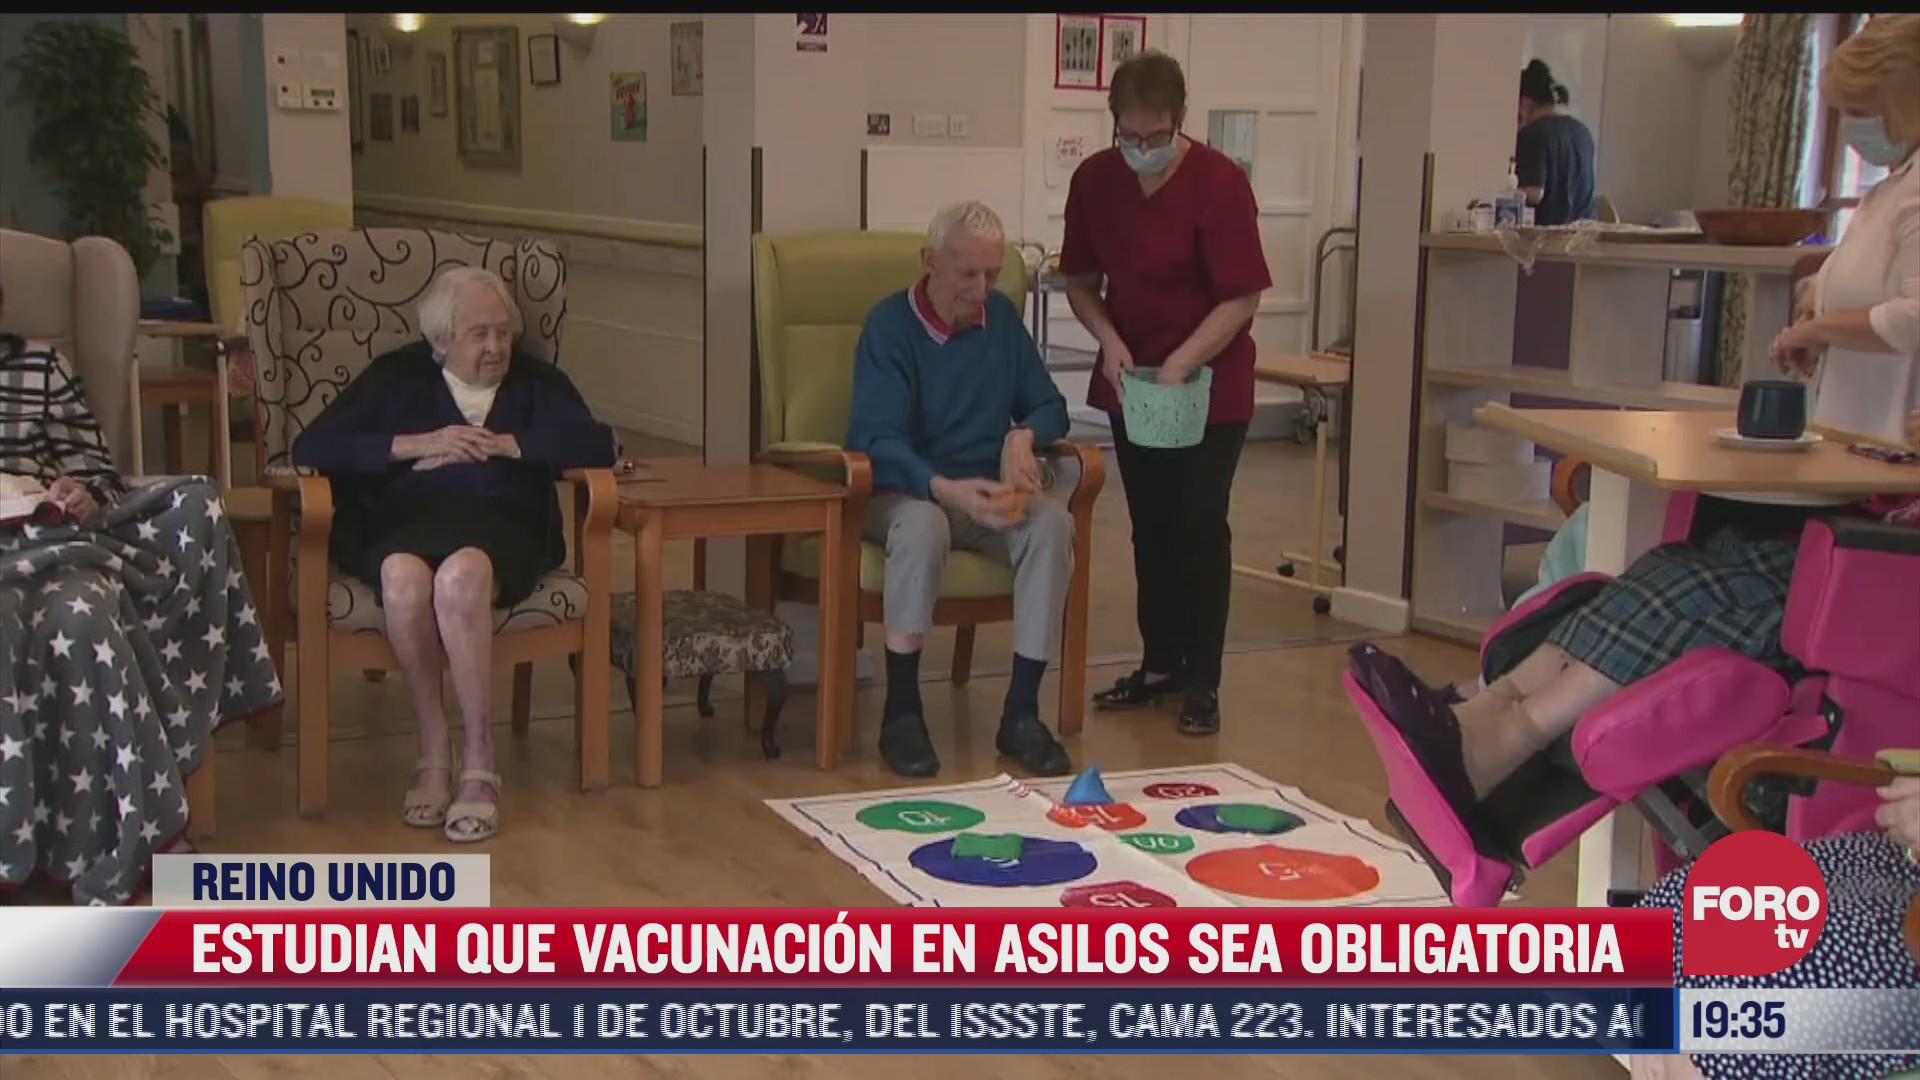 estudian que vacunacion en asilos sea obligatorias en reino unido